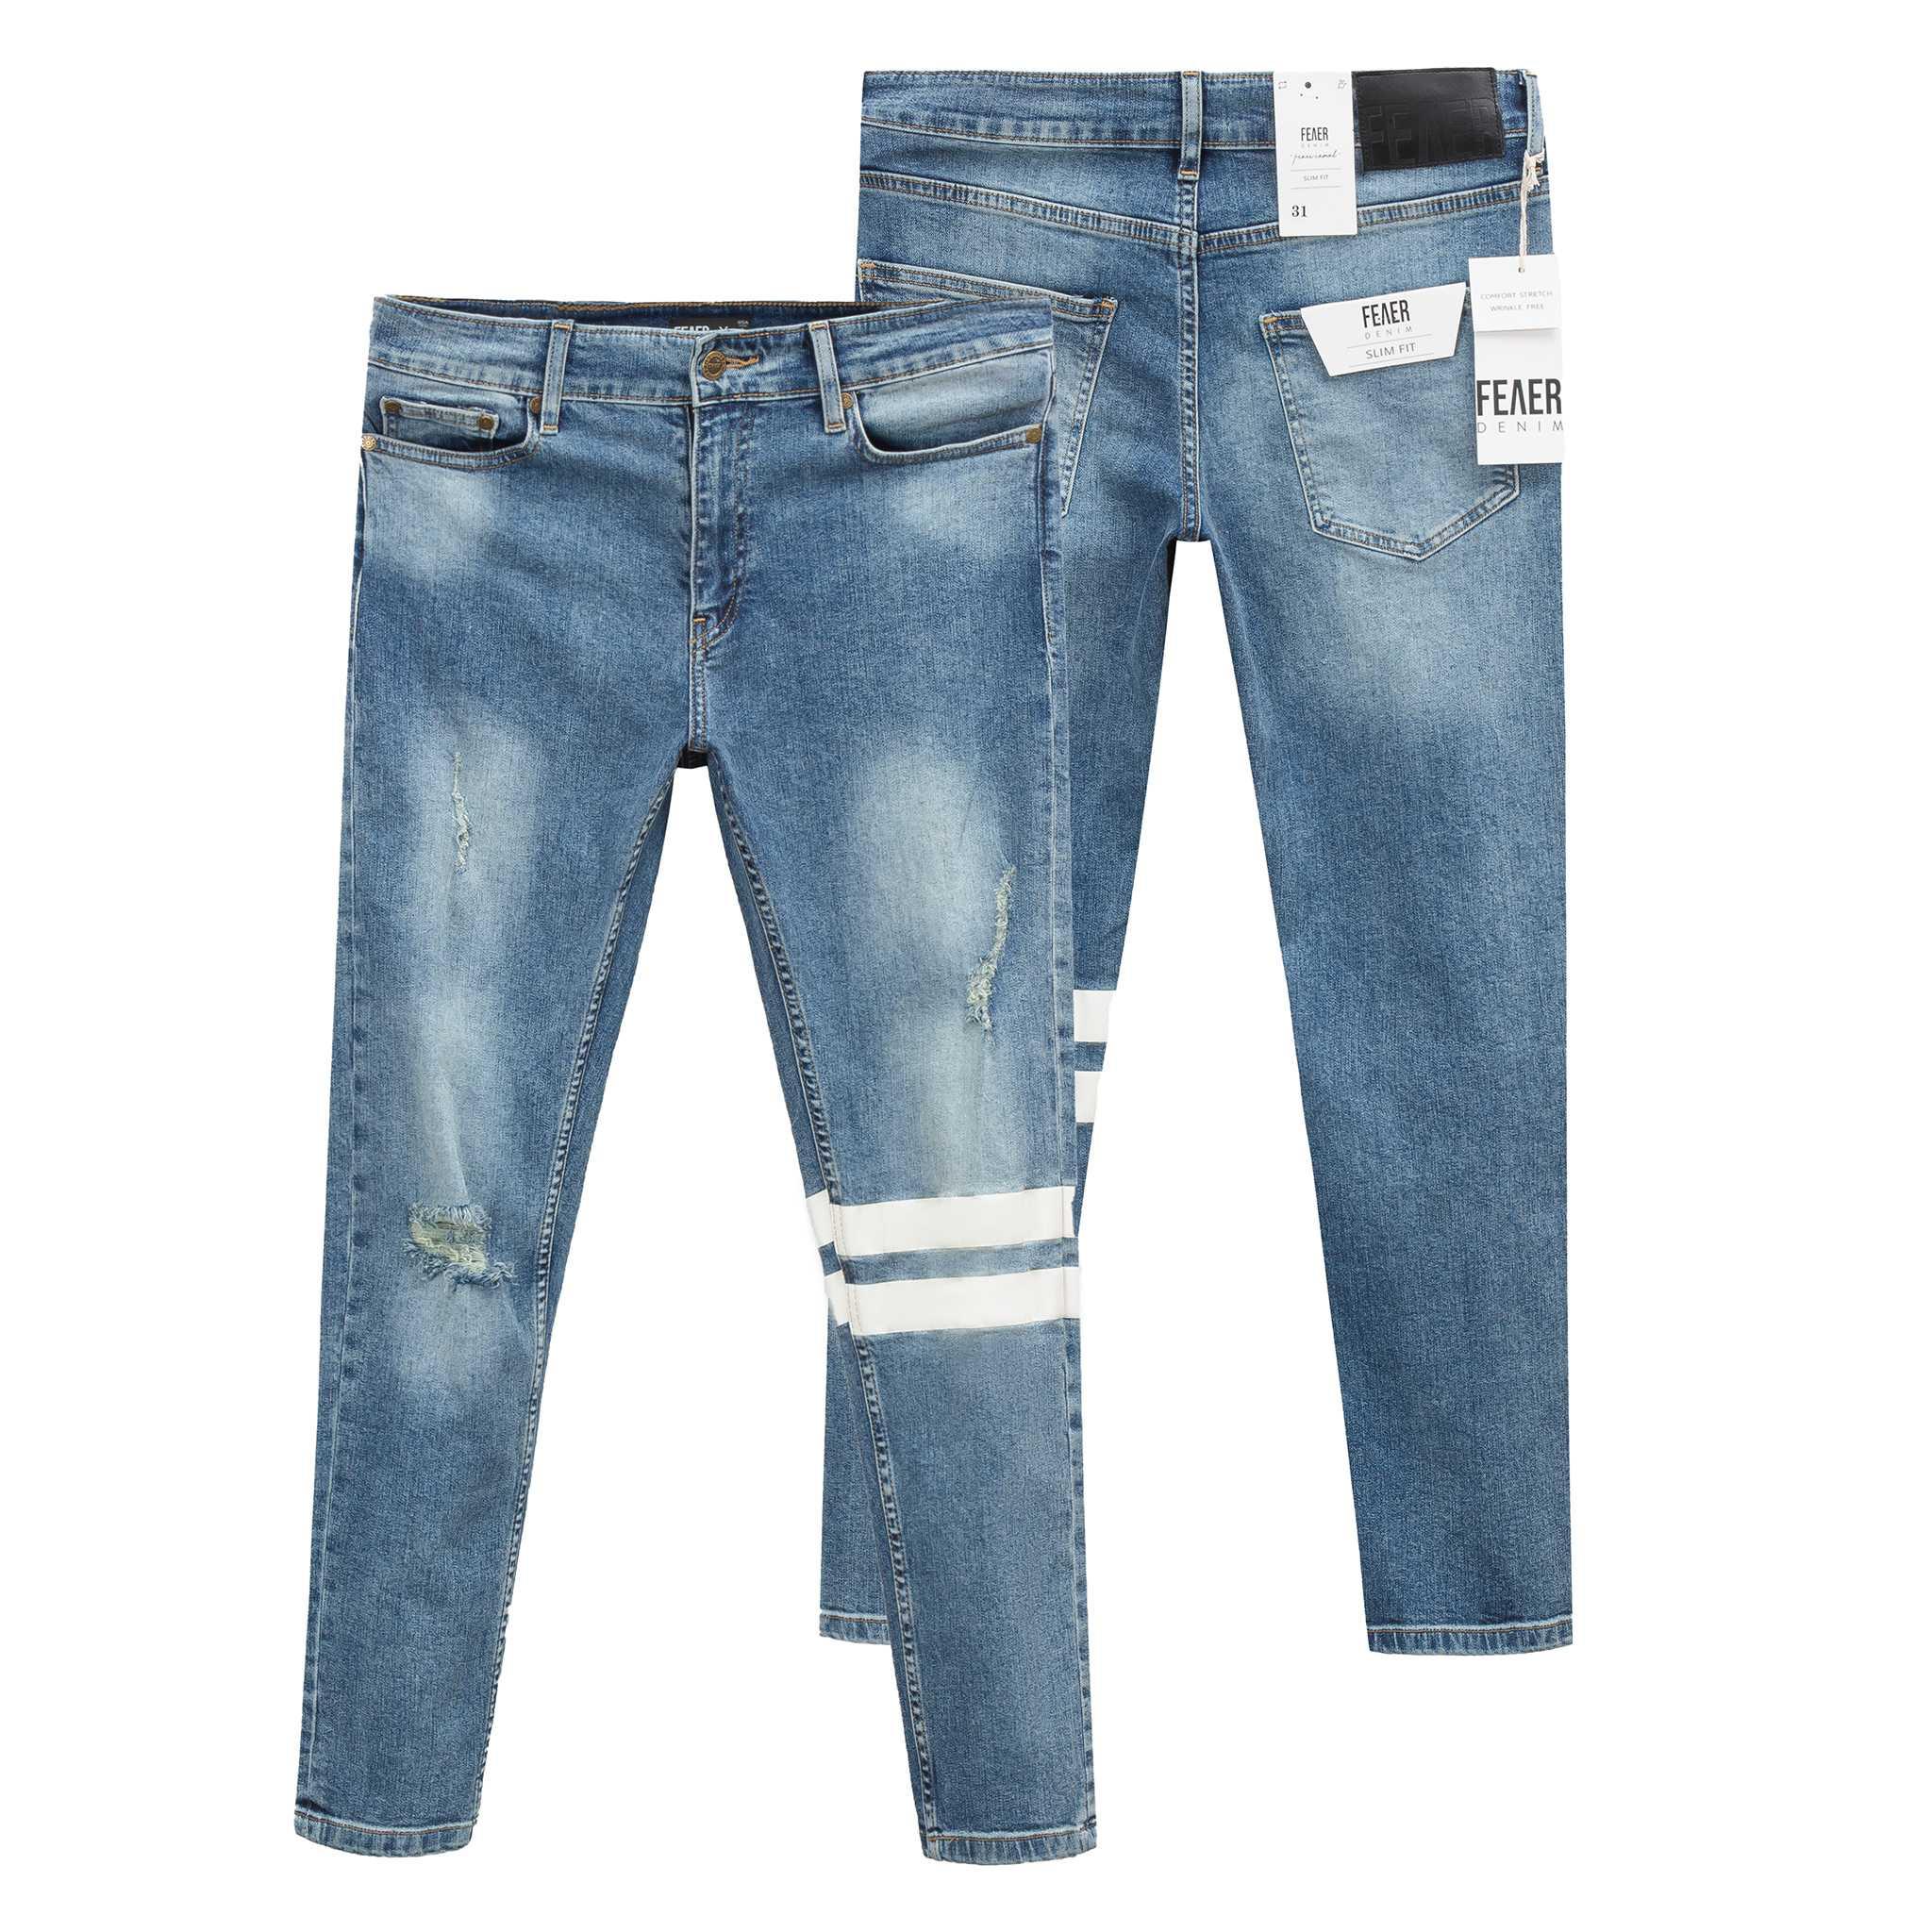 SP272 - Quần Jeans Skinny Vintage Blue